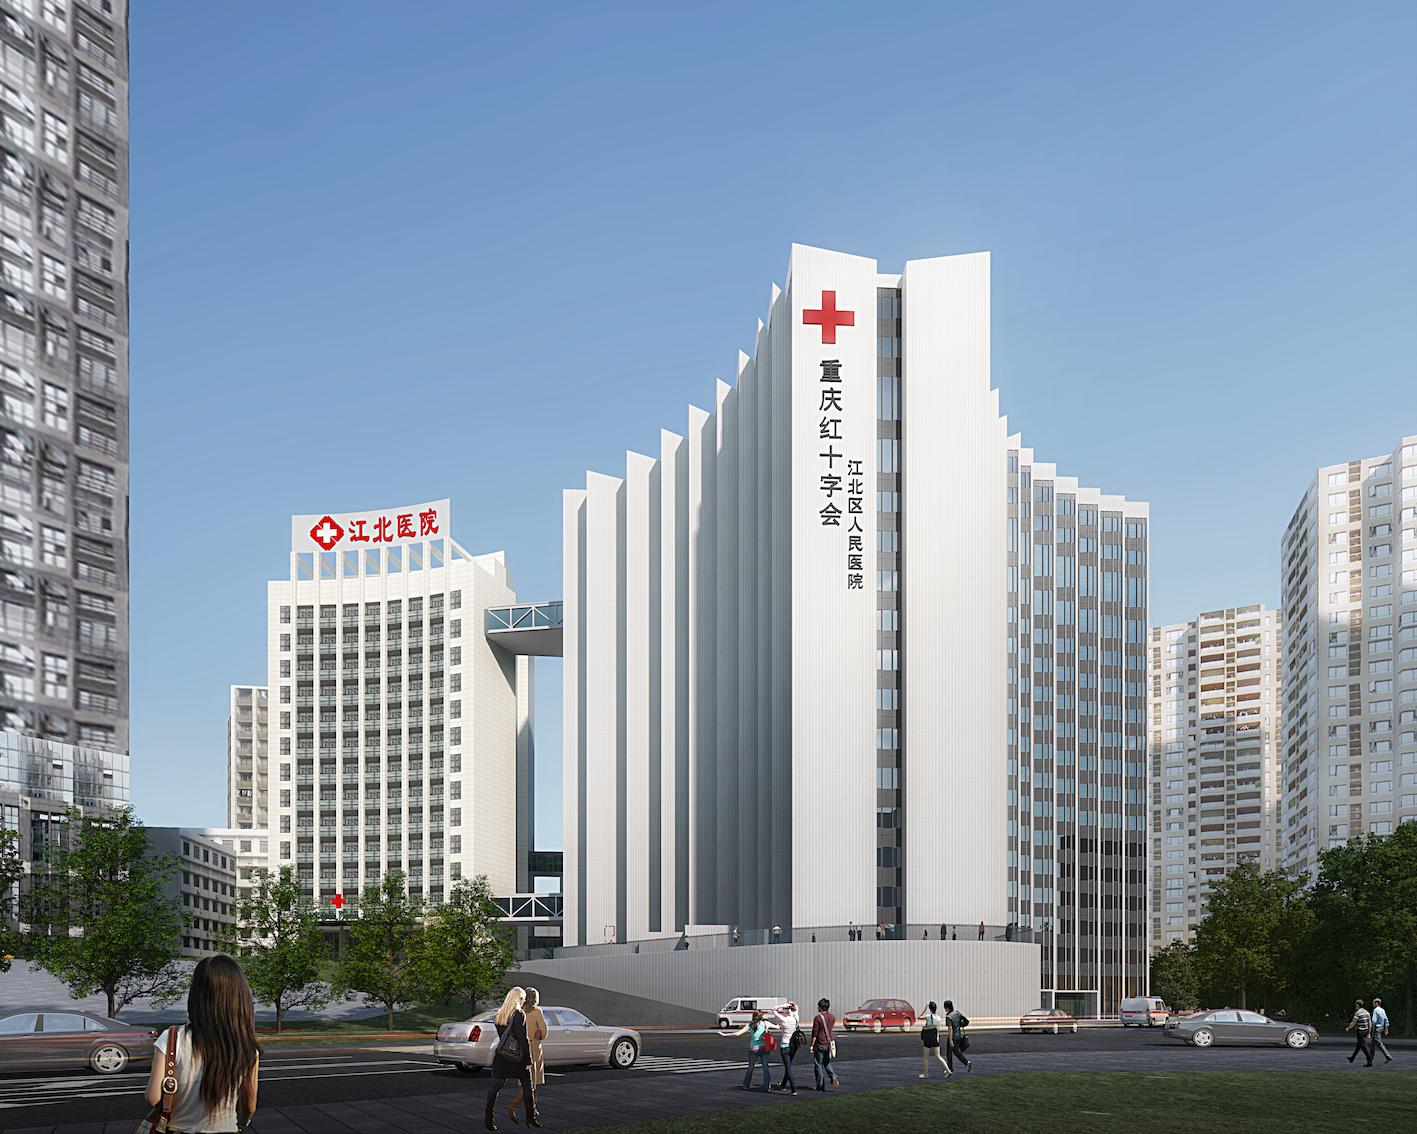 Chongqing Red-cross Hospital  chongqing, china